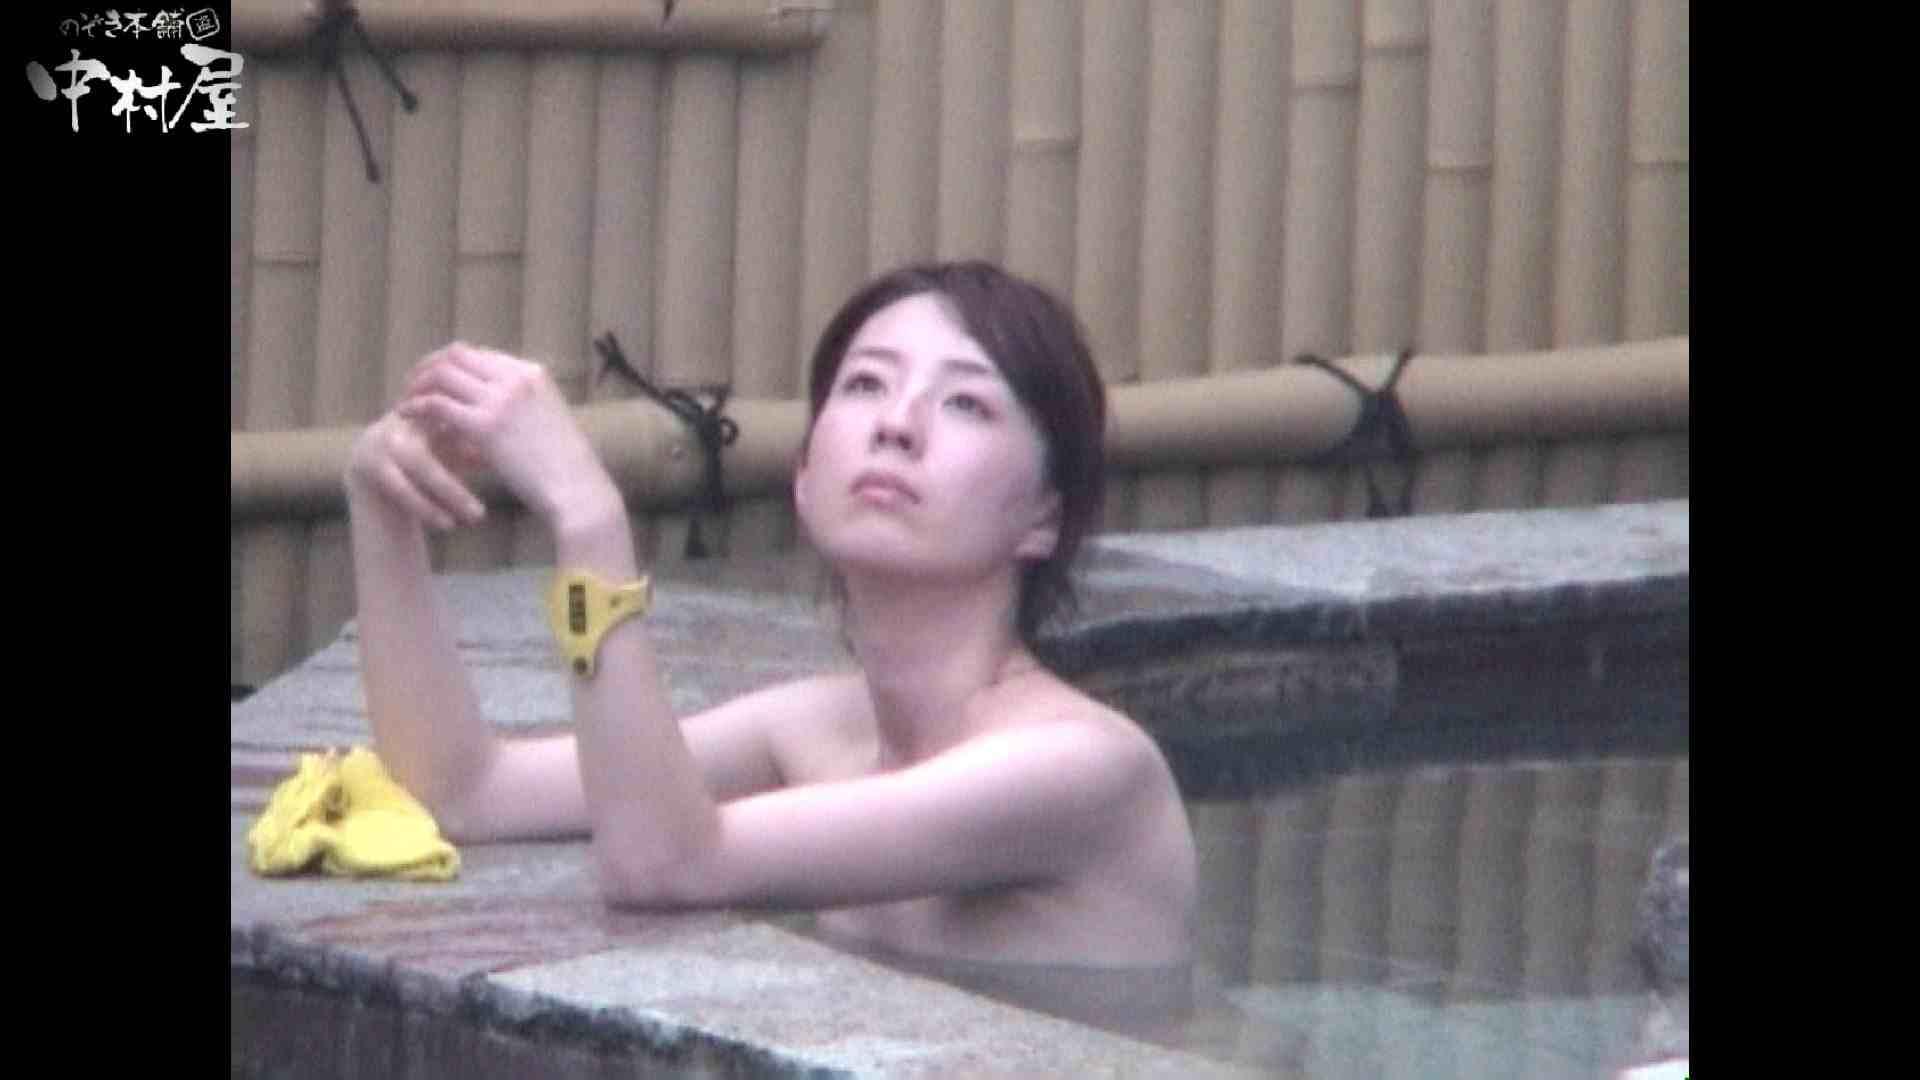 Aquaな露天風呂Vol.964 美しいOLの裸体   盗撮師作品  104pic 52